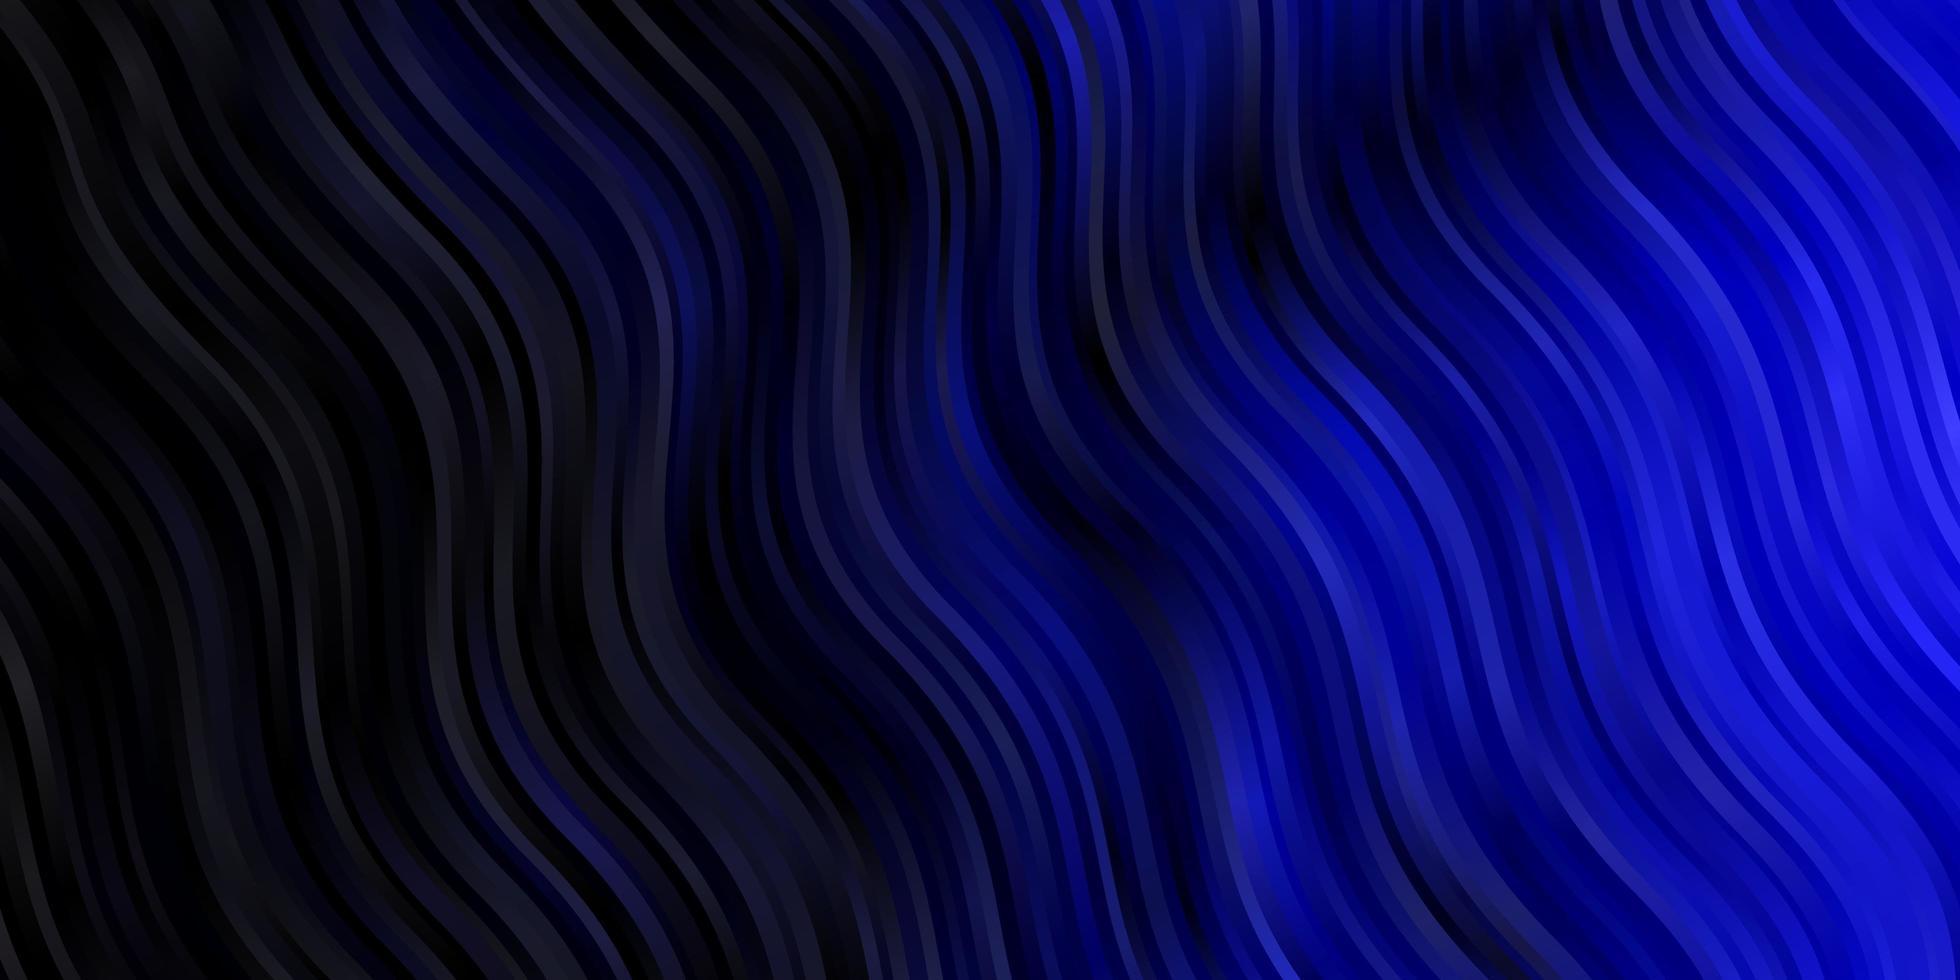 Fondo de vector azul oscuro con arcos.